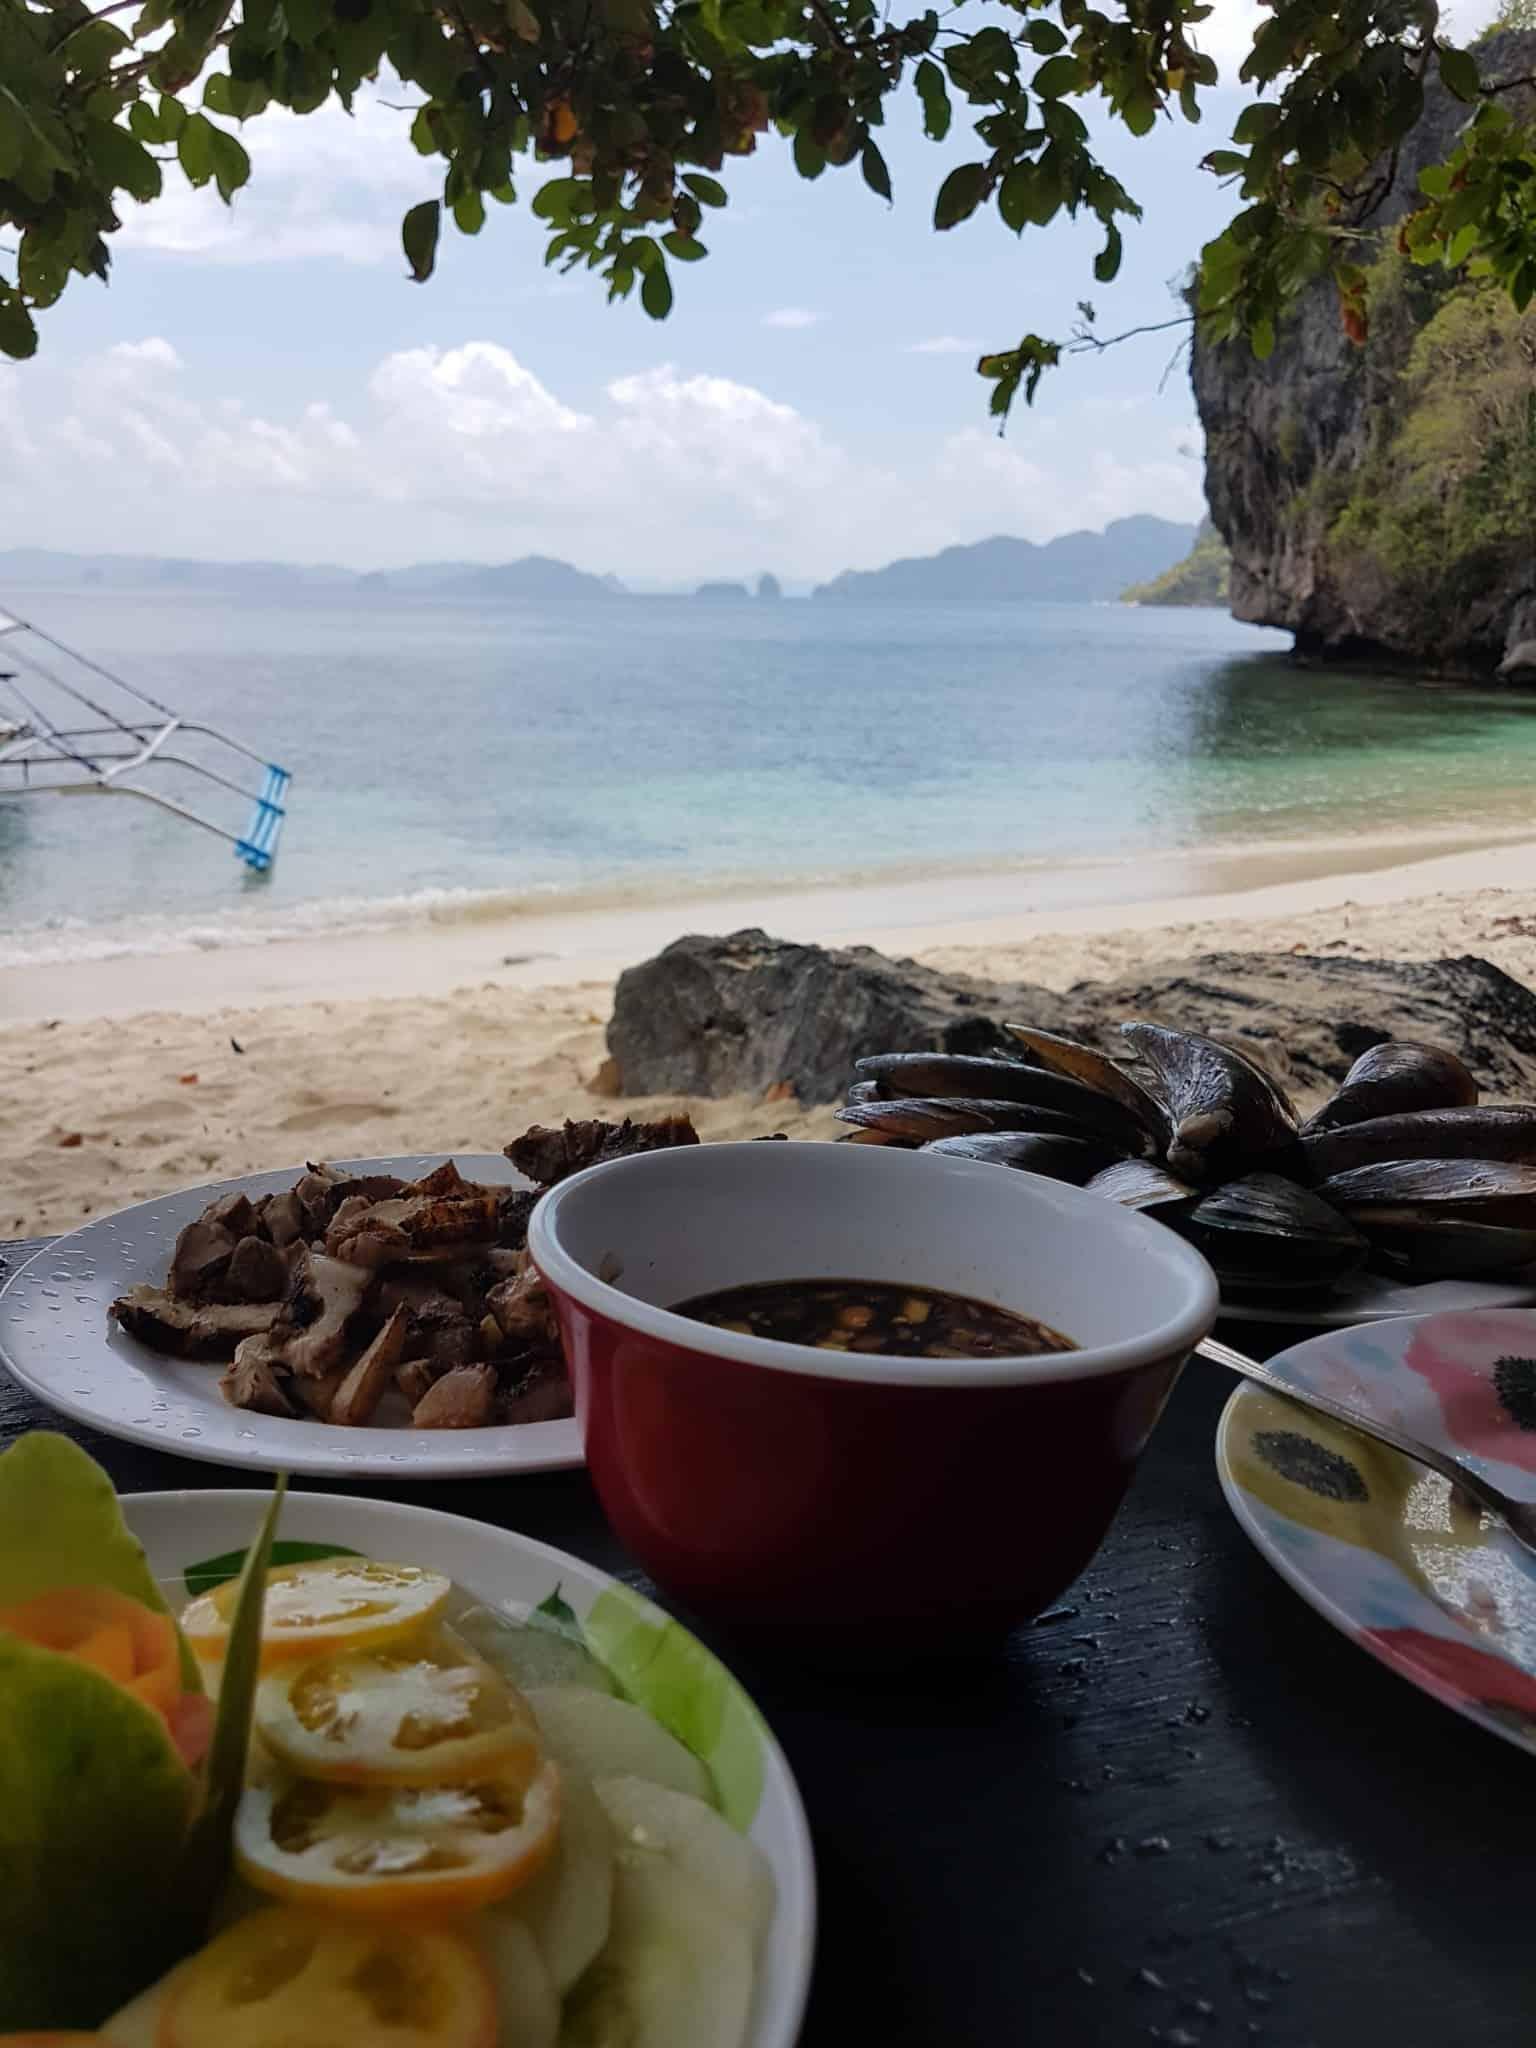 Philippines, El Nido et ses tours en bateau qui t'en mettent plein les yeux ⛵ 18